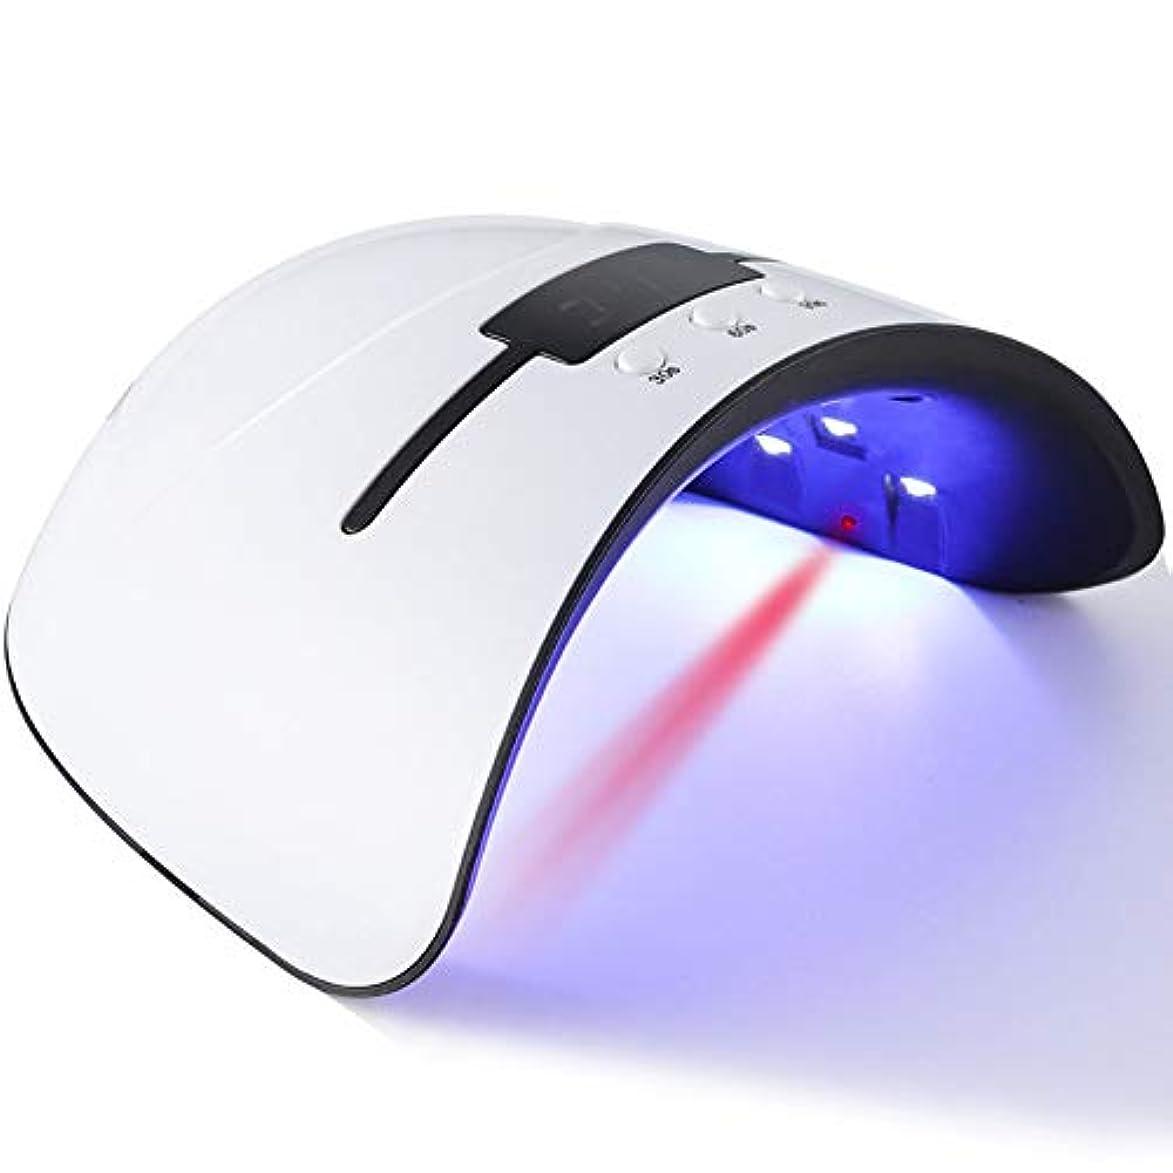 と本土飛び込む硬化ライト ネイルlight ジェルネイル LED ネイルドライヤー 日本語説明書付属 36W 無痛硬化 赤外線検知